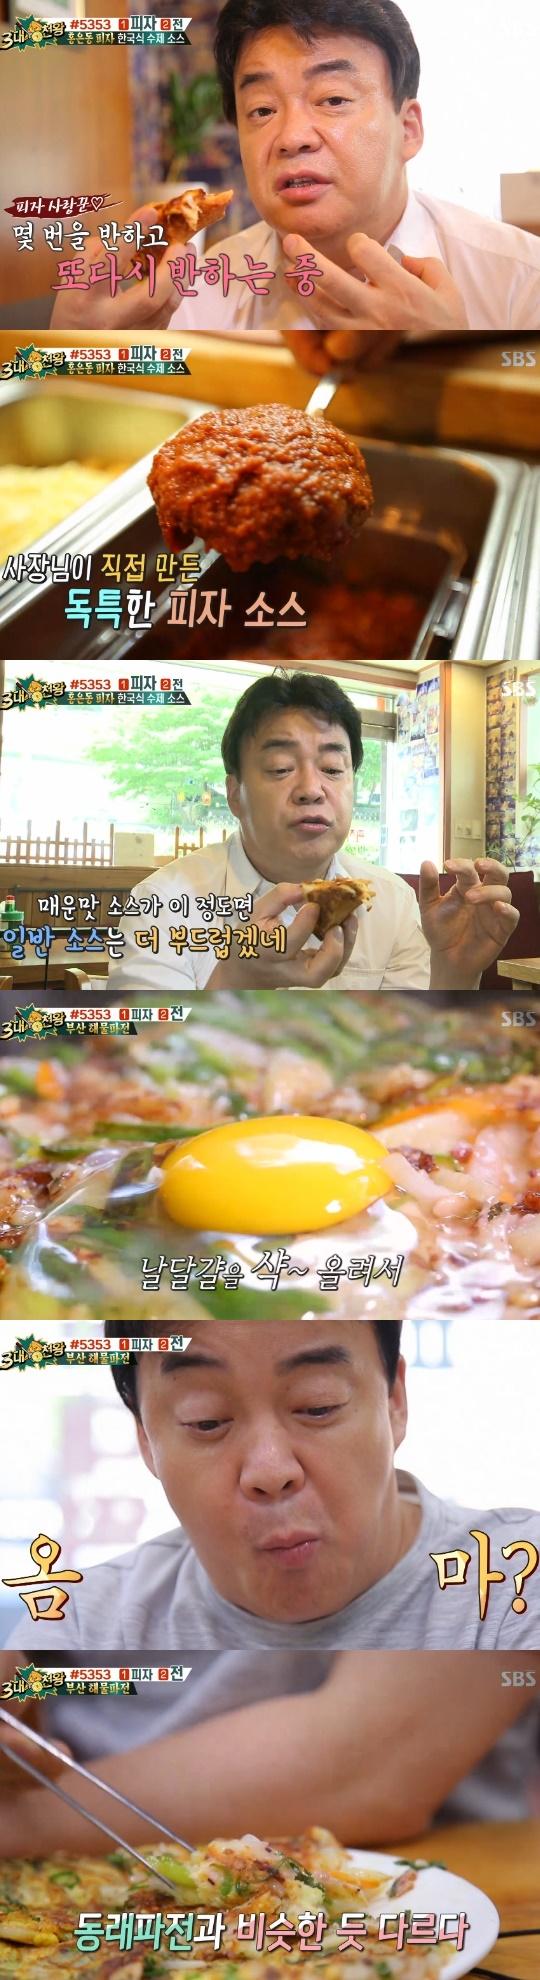 홍은동 피자 맛집과 부산 3대 빈대떡 맛집. 사진=SBS '백종원의 3대 천왕' 방송 캡쳐